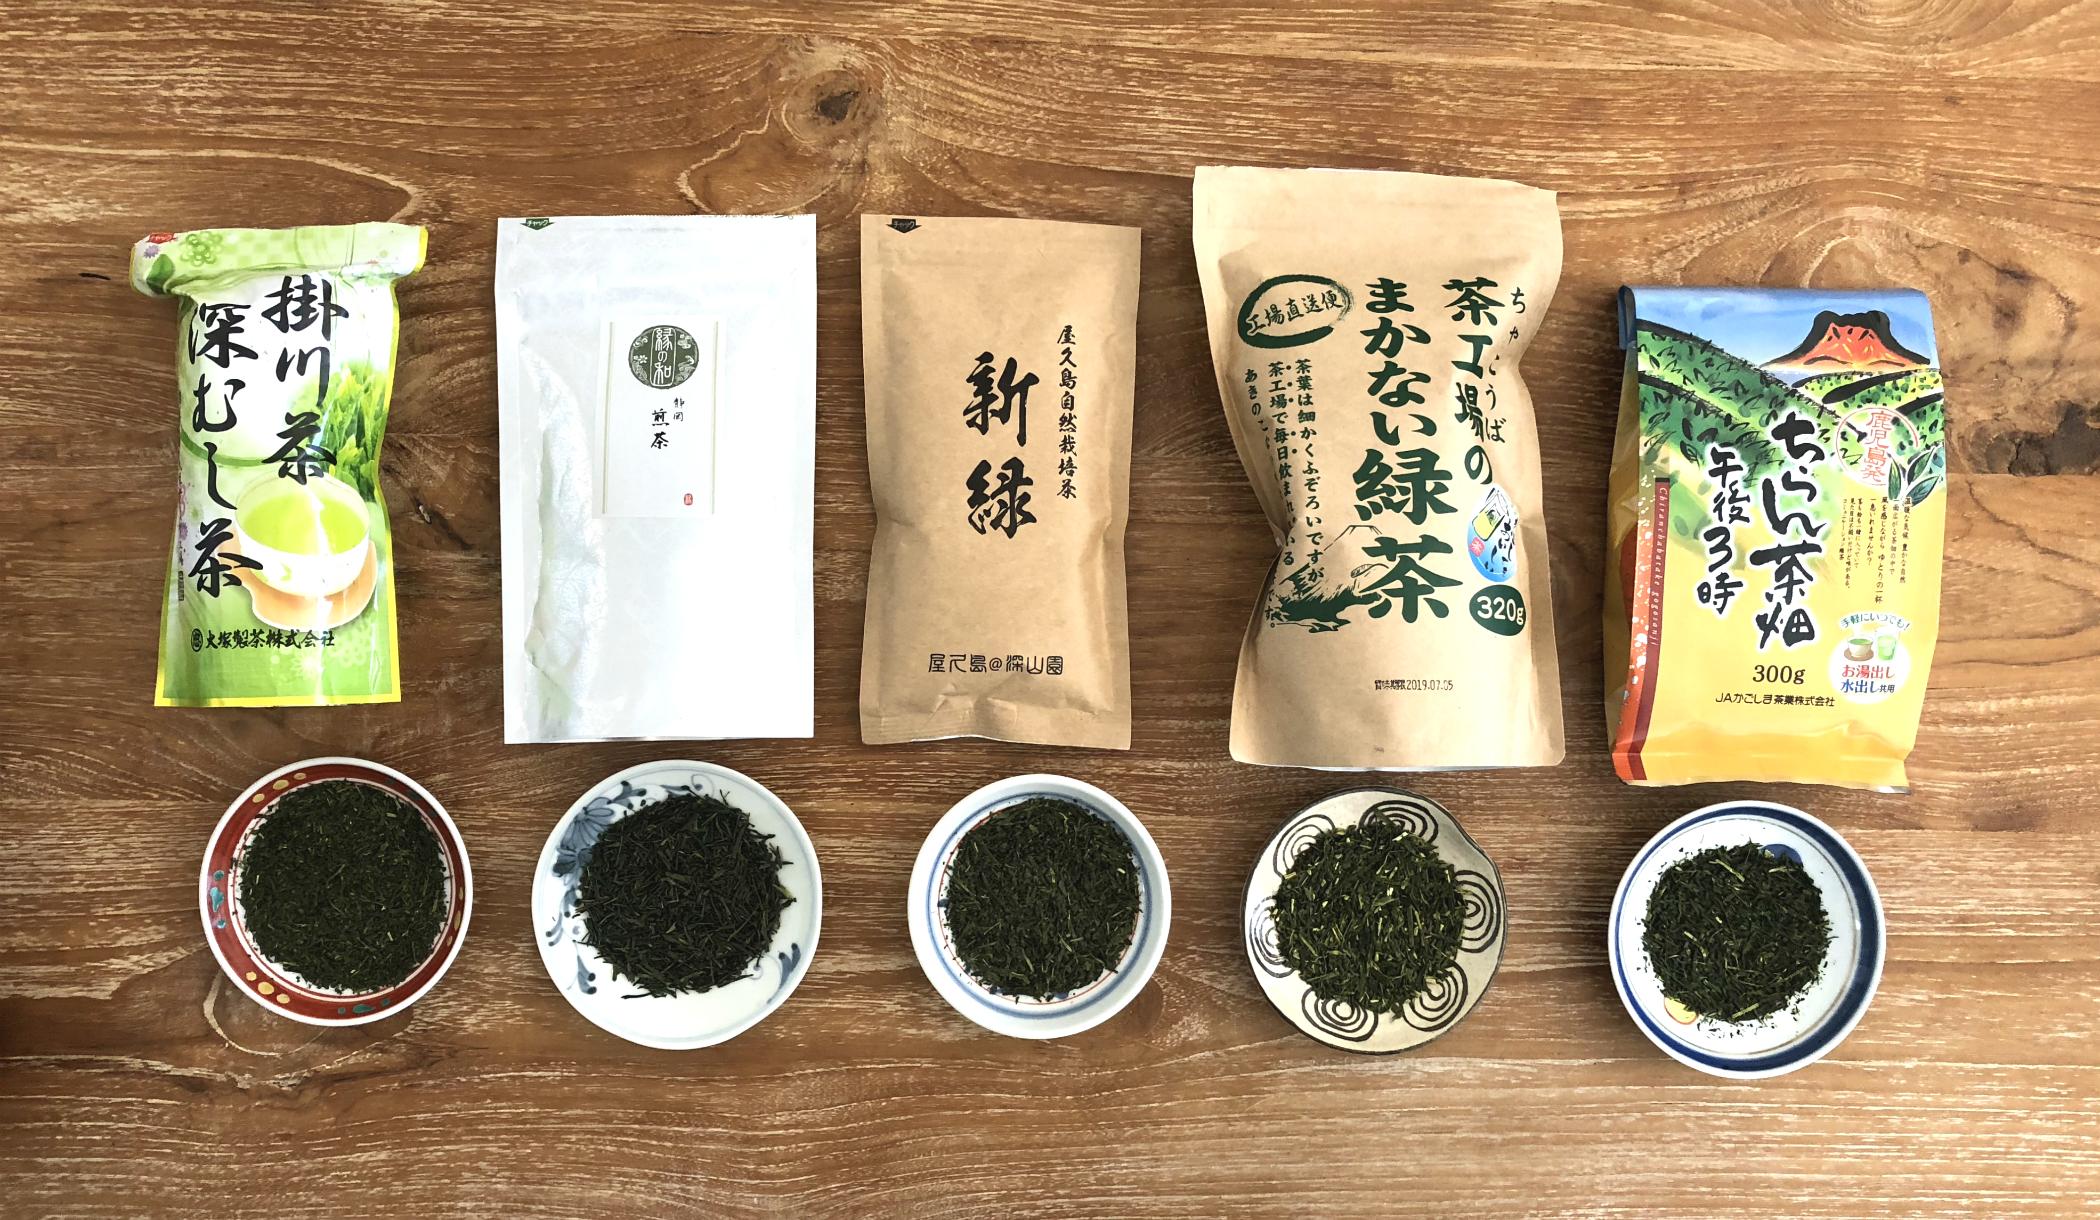 お茶・日本茶・煎茶の飲み比べ